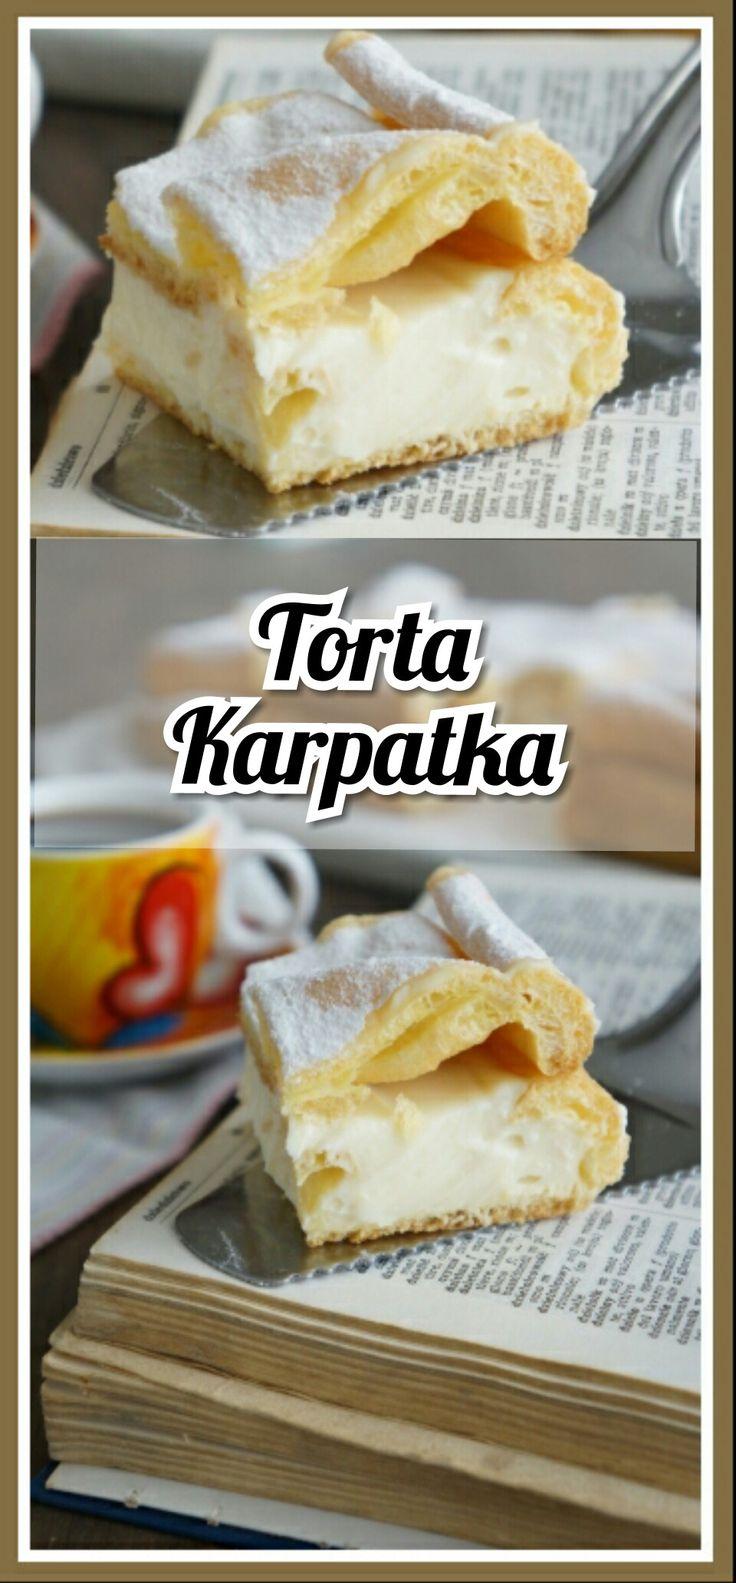 Torta Karpatka è fatta di impasto scottato, che cresce splendidamente, creando alte montagne con mezzo lo stratto di massa al budino... Leggi la ricetta ⤵ ⤵ ⤵ ⤵ ⤵ http://blog.giallozafferano.it/mille1ricette/torta-karpatka/